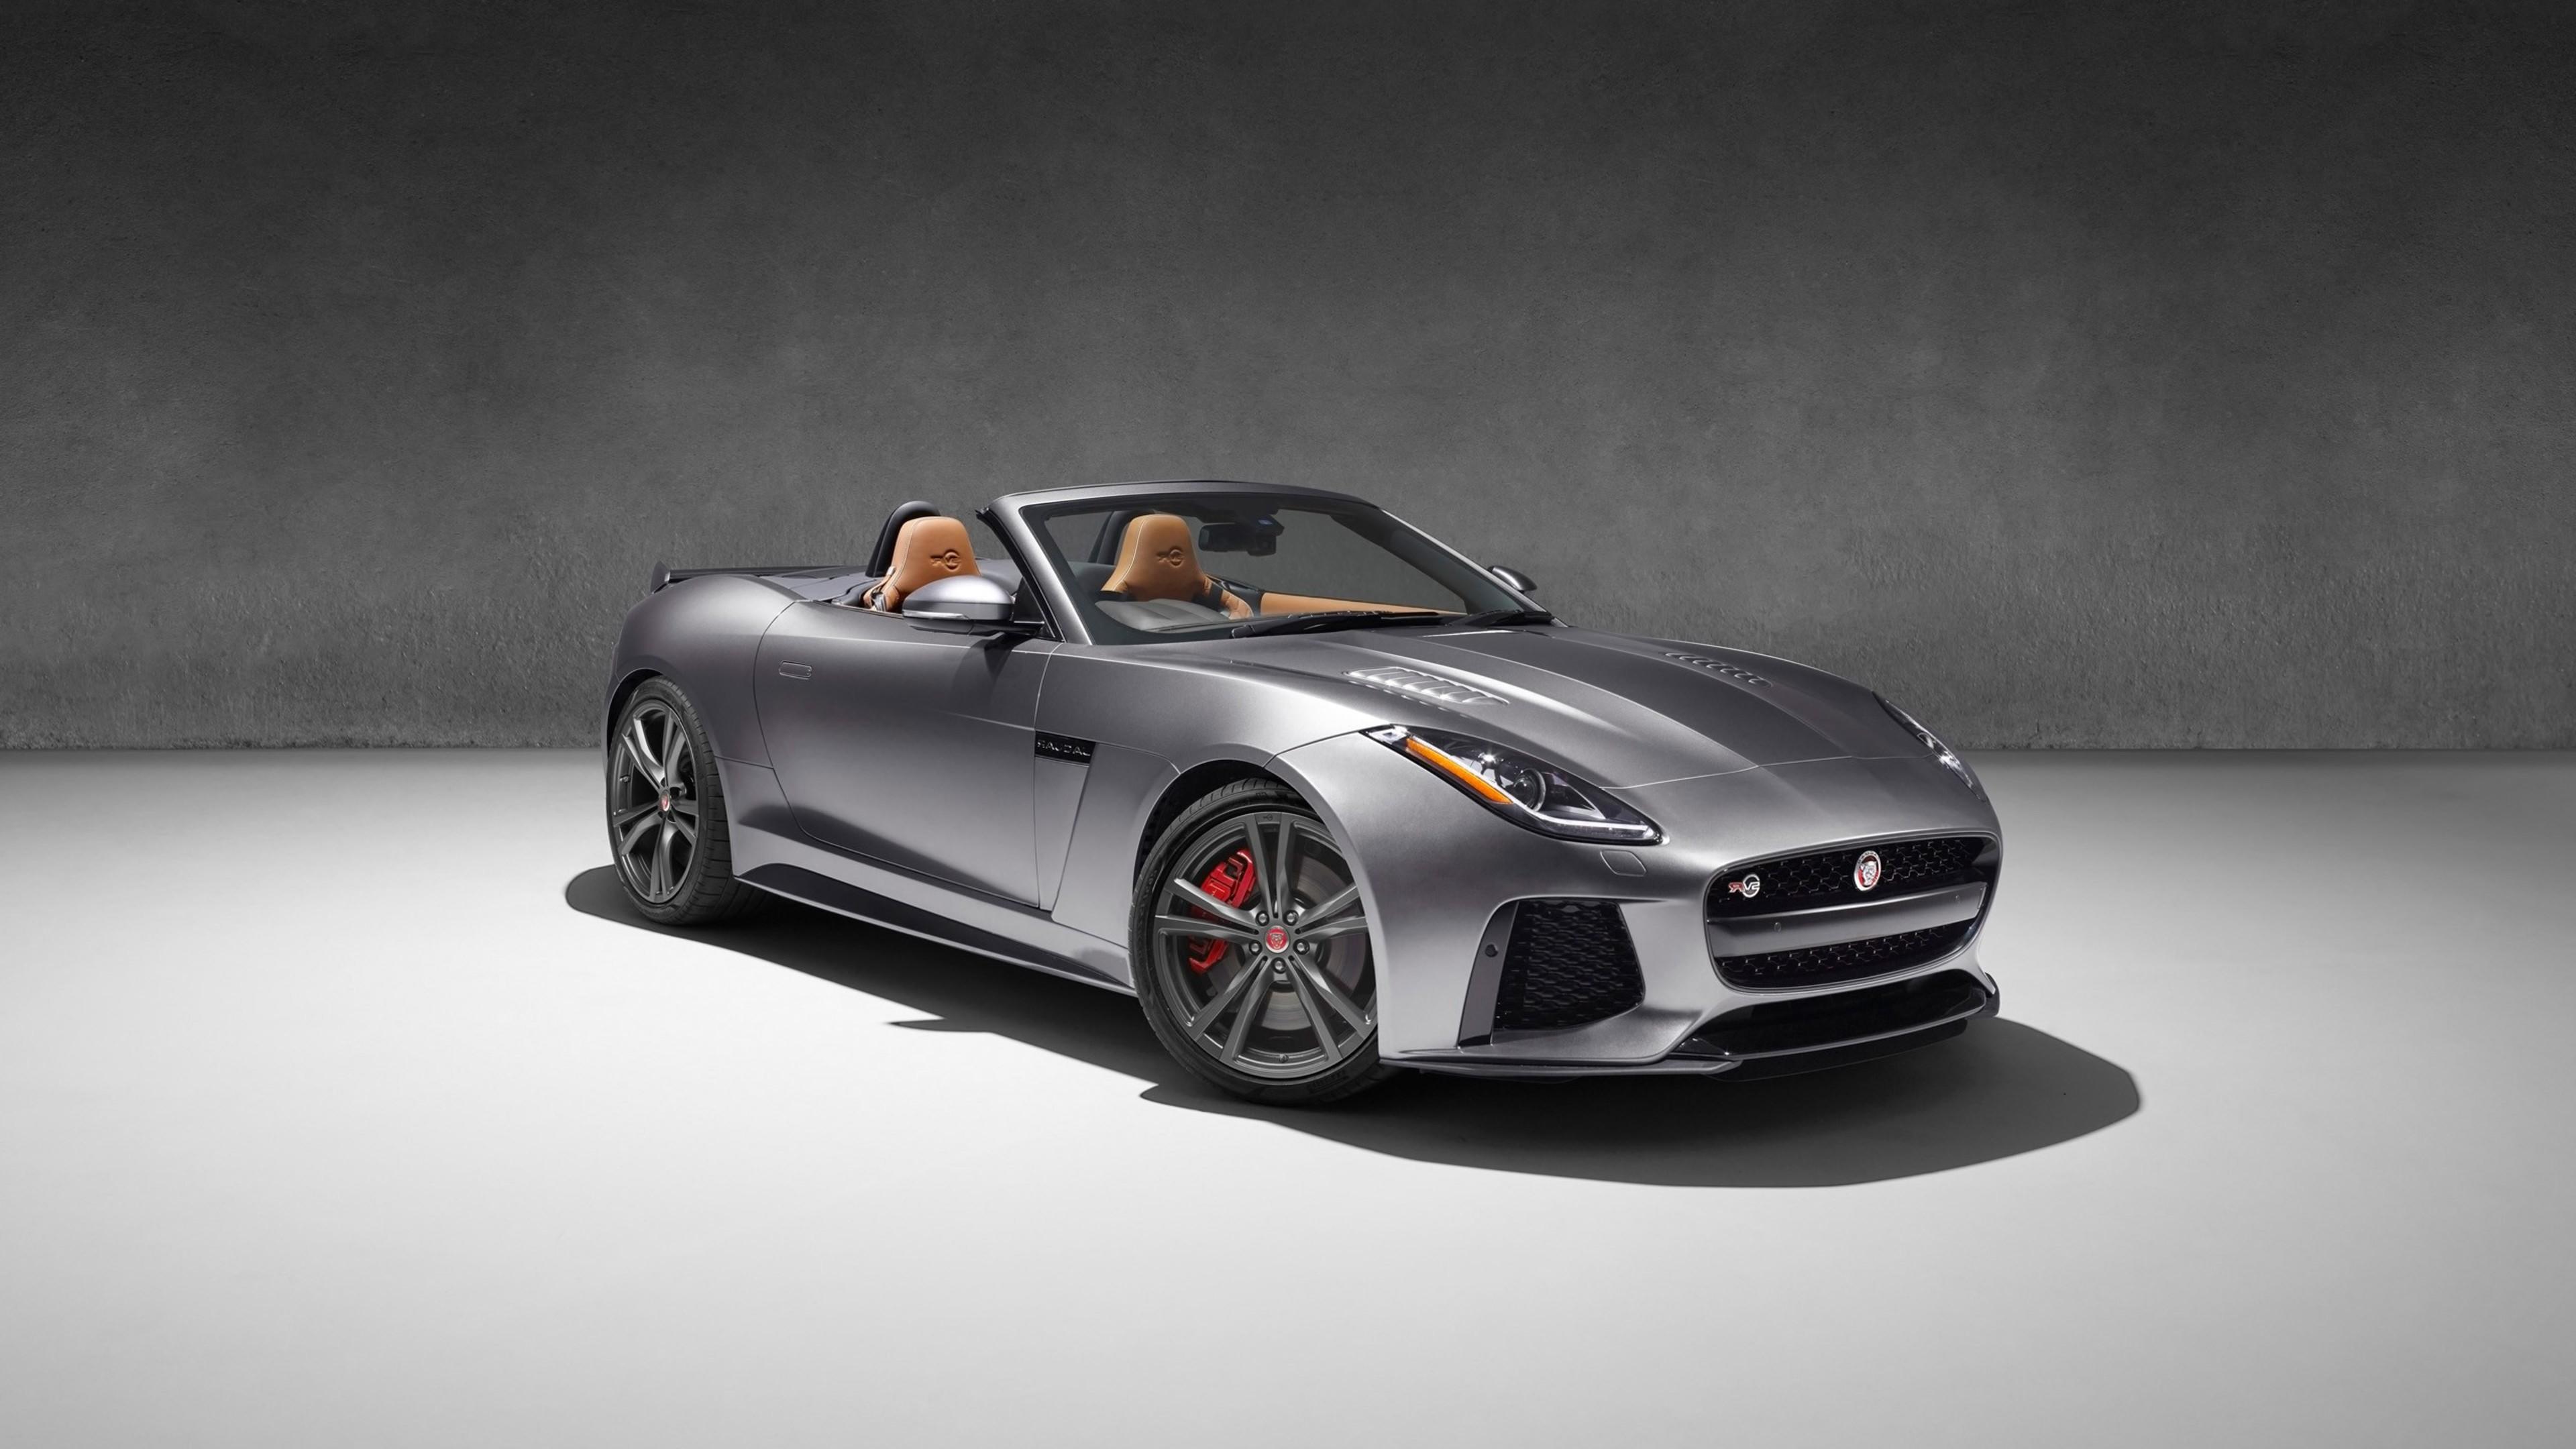 Jaguar F Type Convertible Car, HD Cars, 4k Wallpapers ...